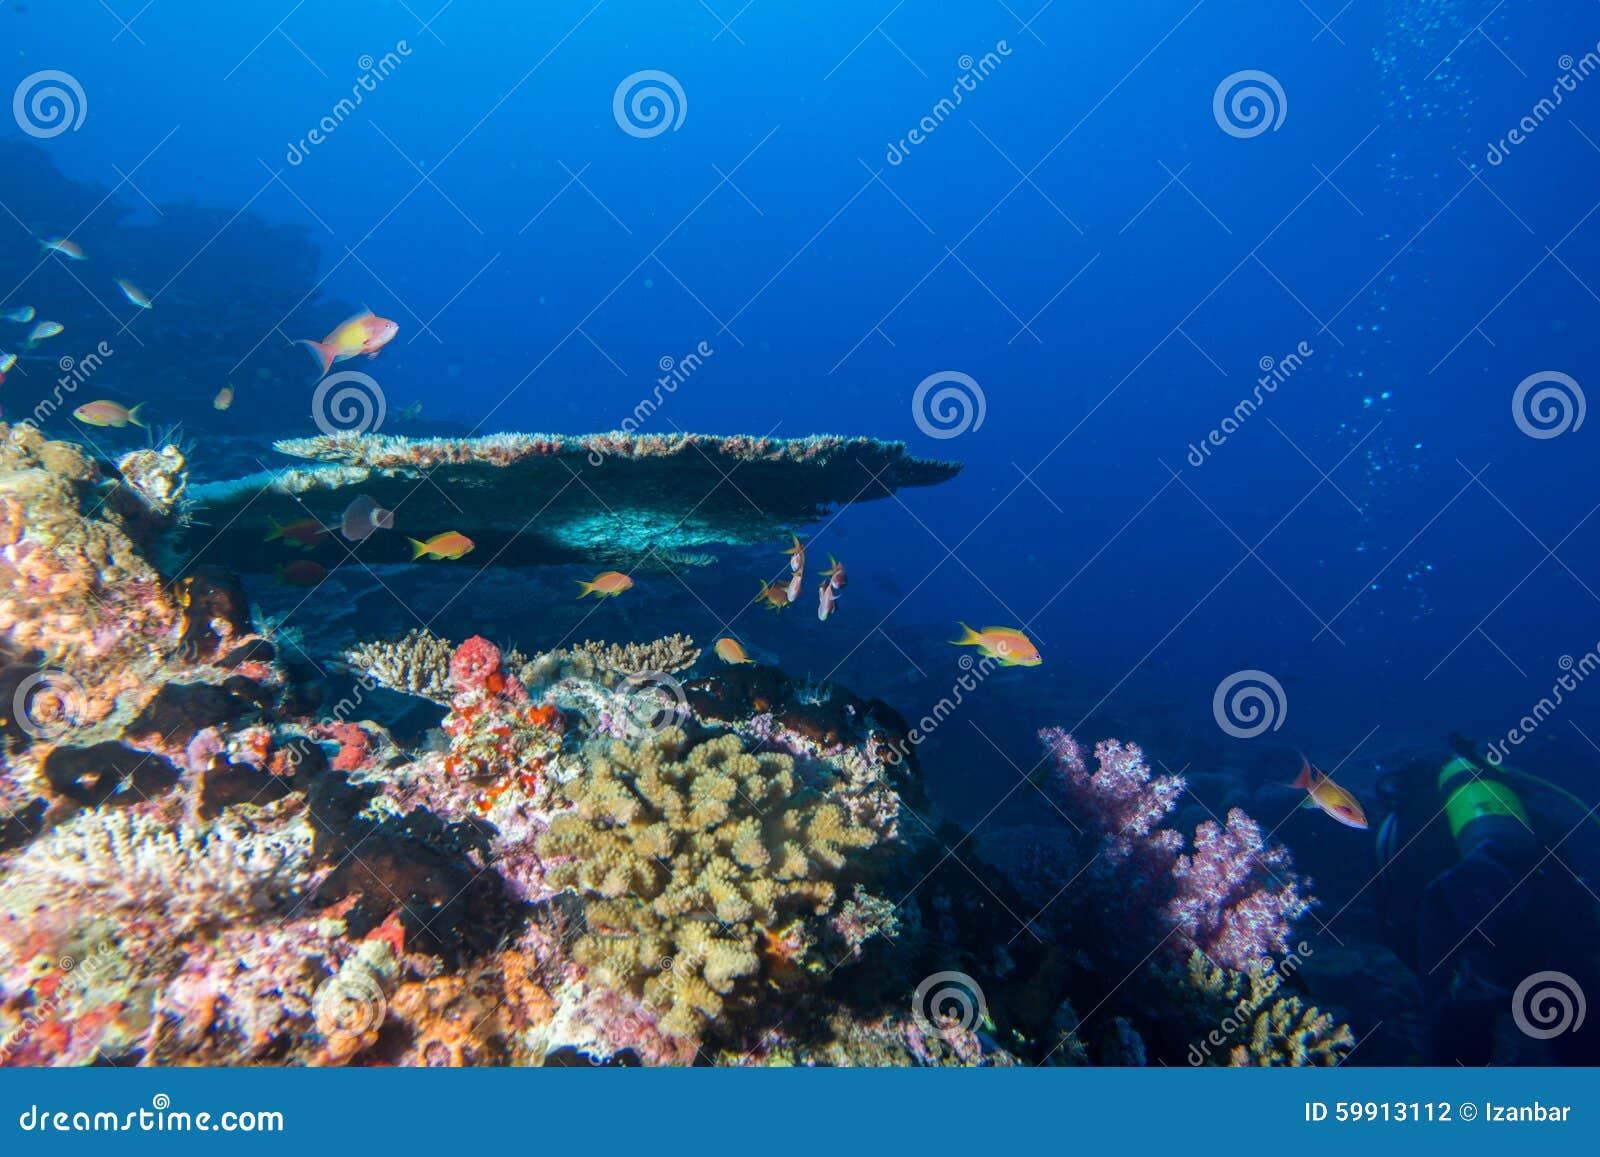 Maldives korali dom dla ryba